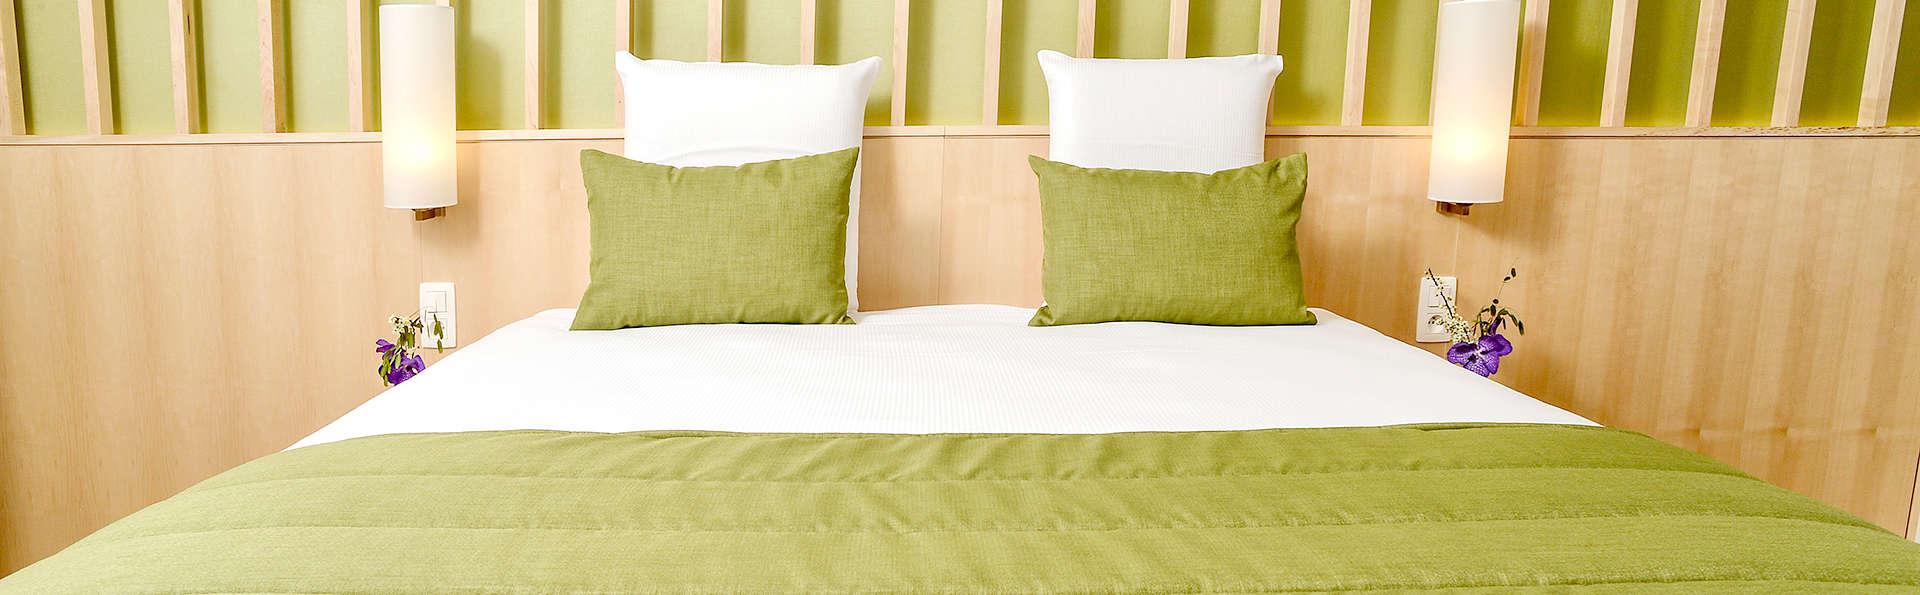 Dompel jezelf onder in de majestueuze sfeer van Brussel in luxe-suite in het hotel Yadoya